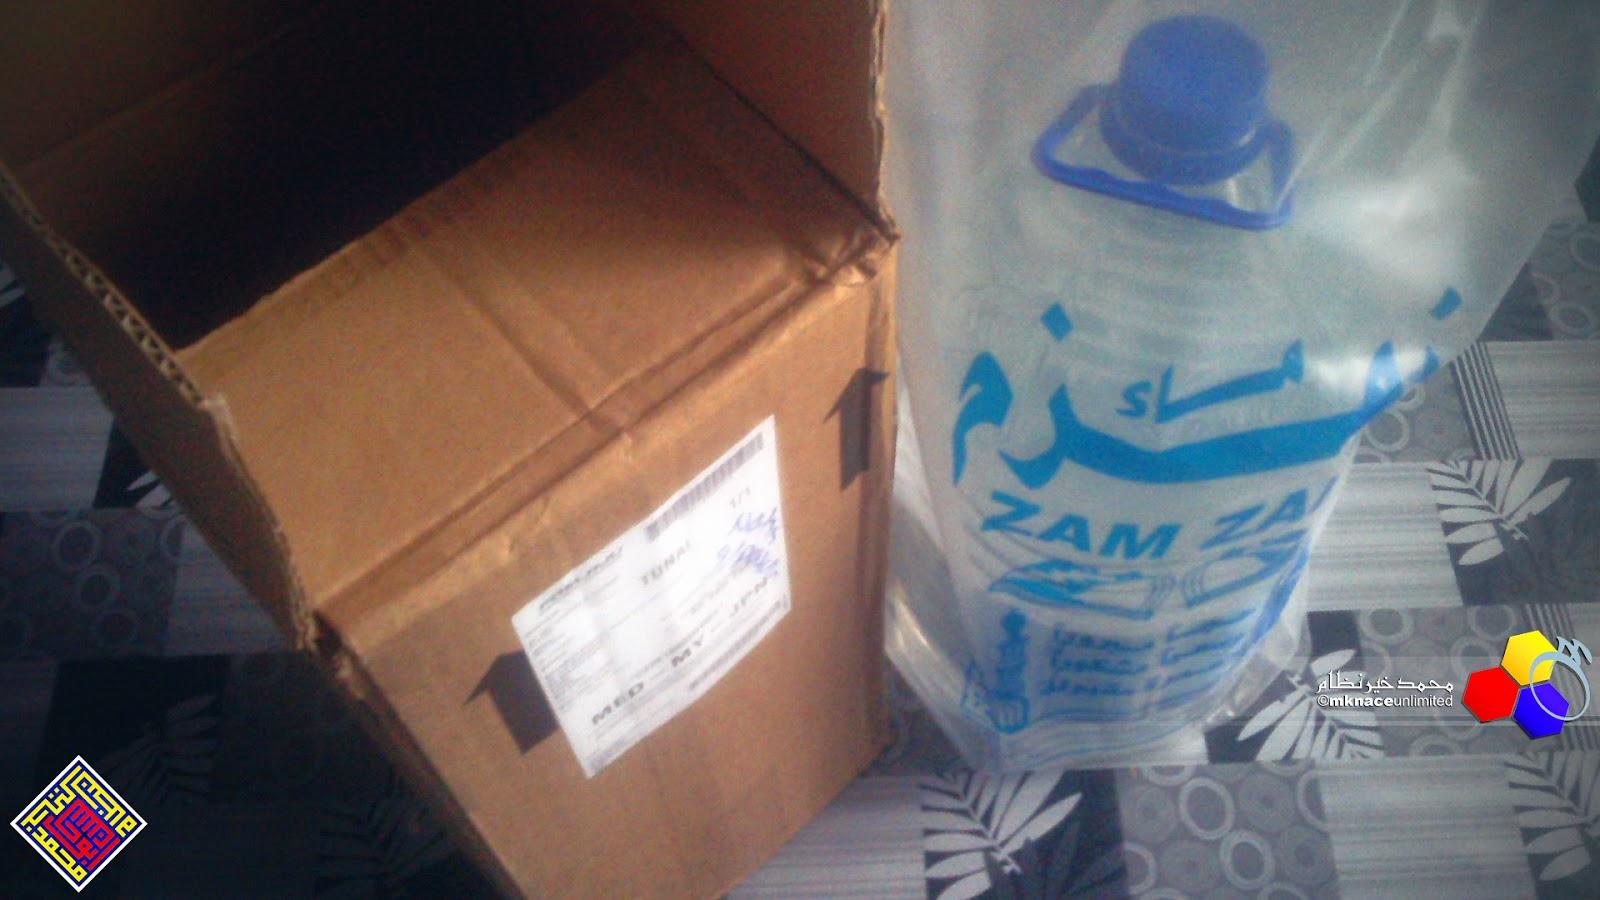 Mengambil bungkusan air zam zam dari Tanah Suci di pejabat pos Gelang  Patah. Kalau dulu 34d6fef267